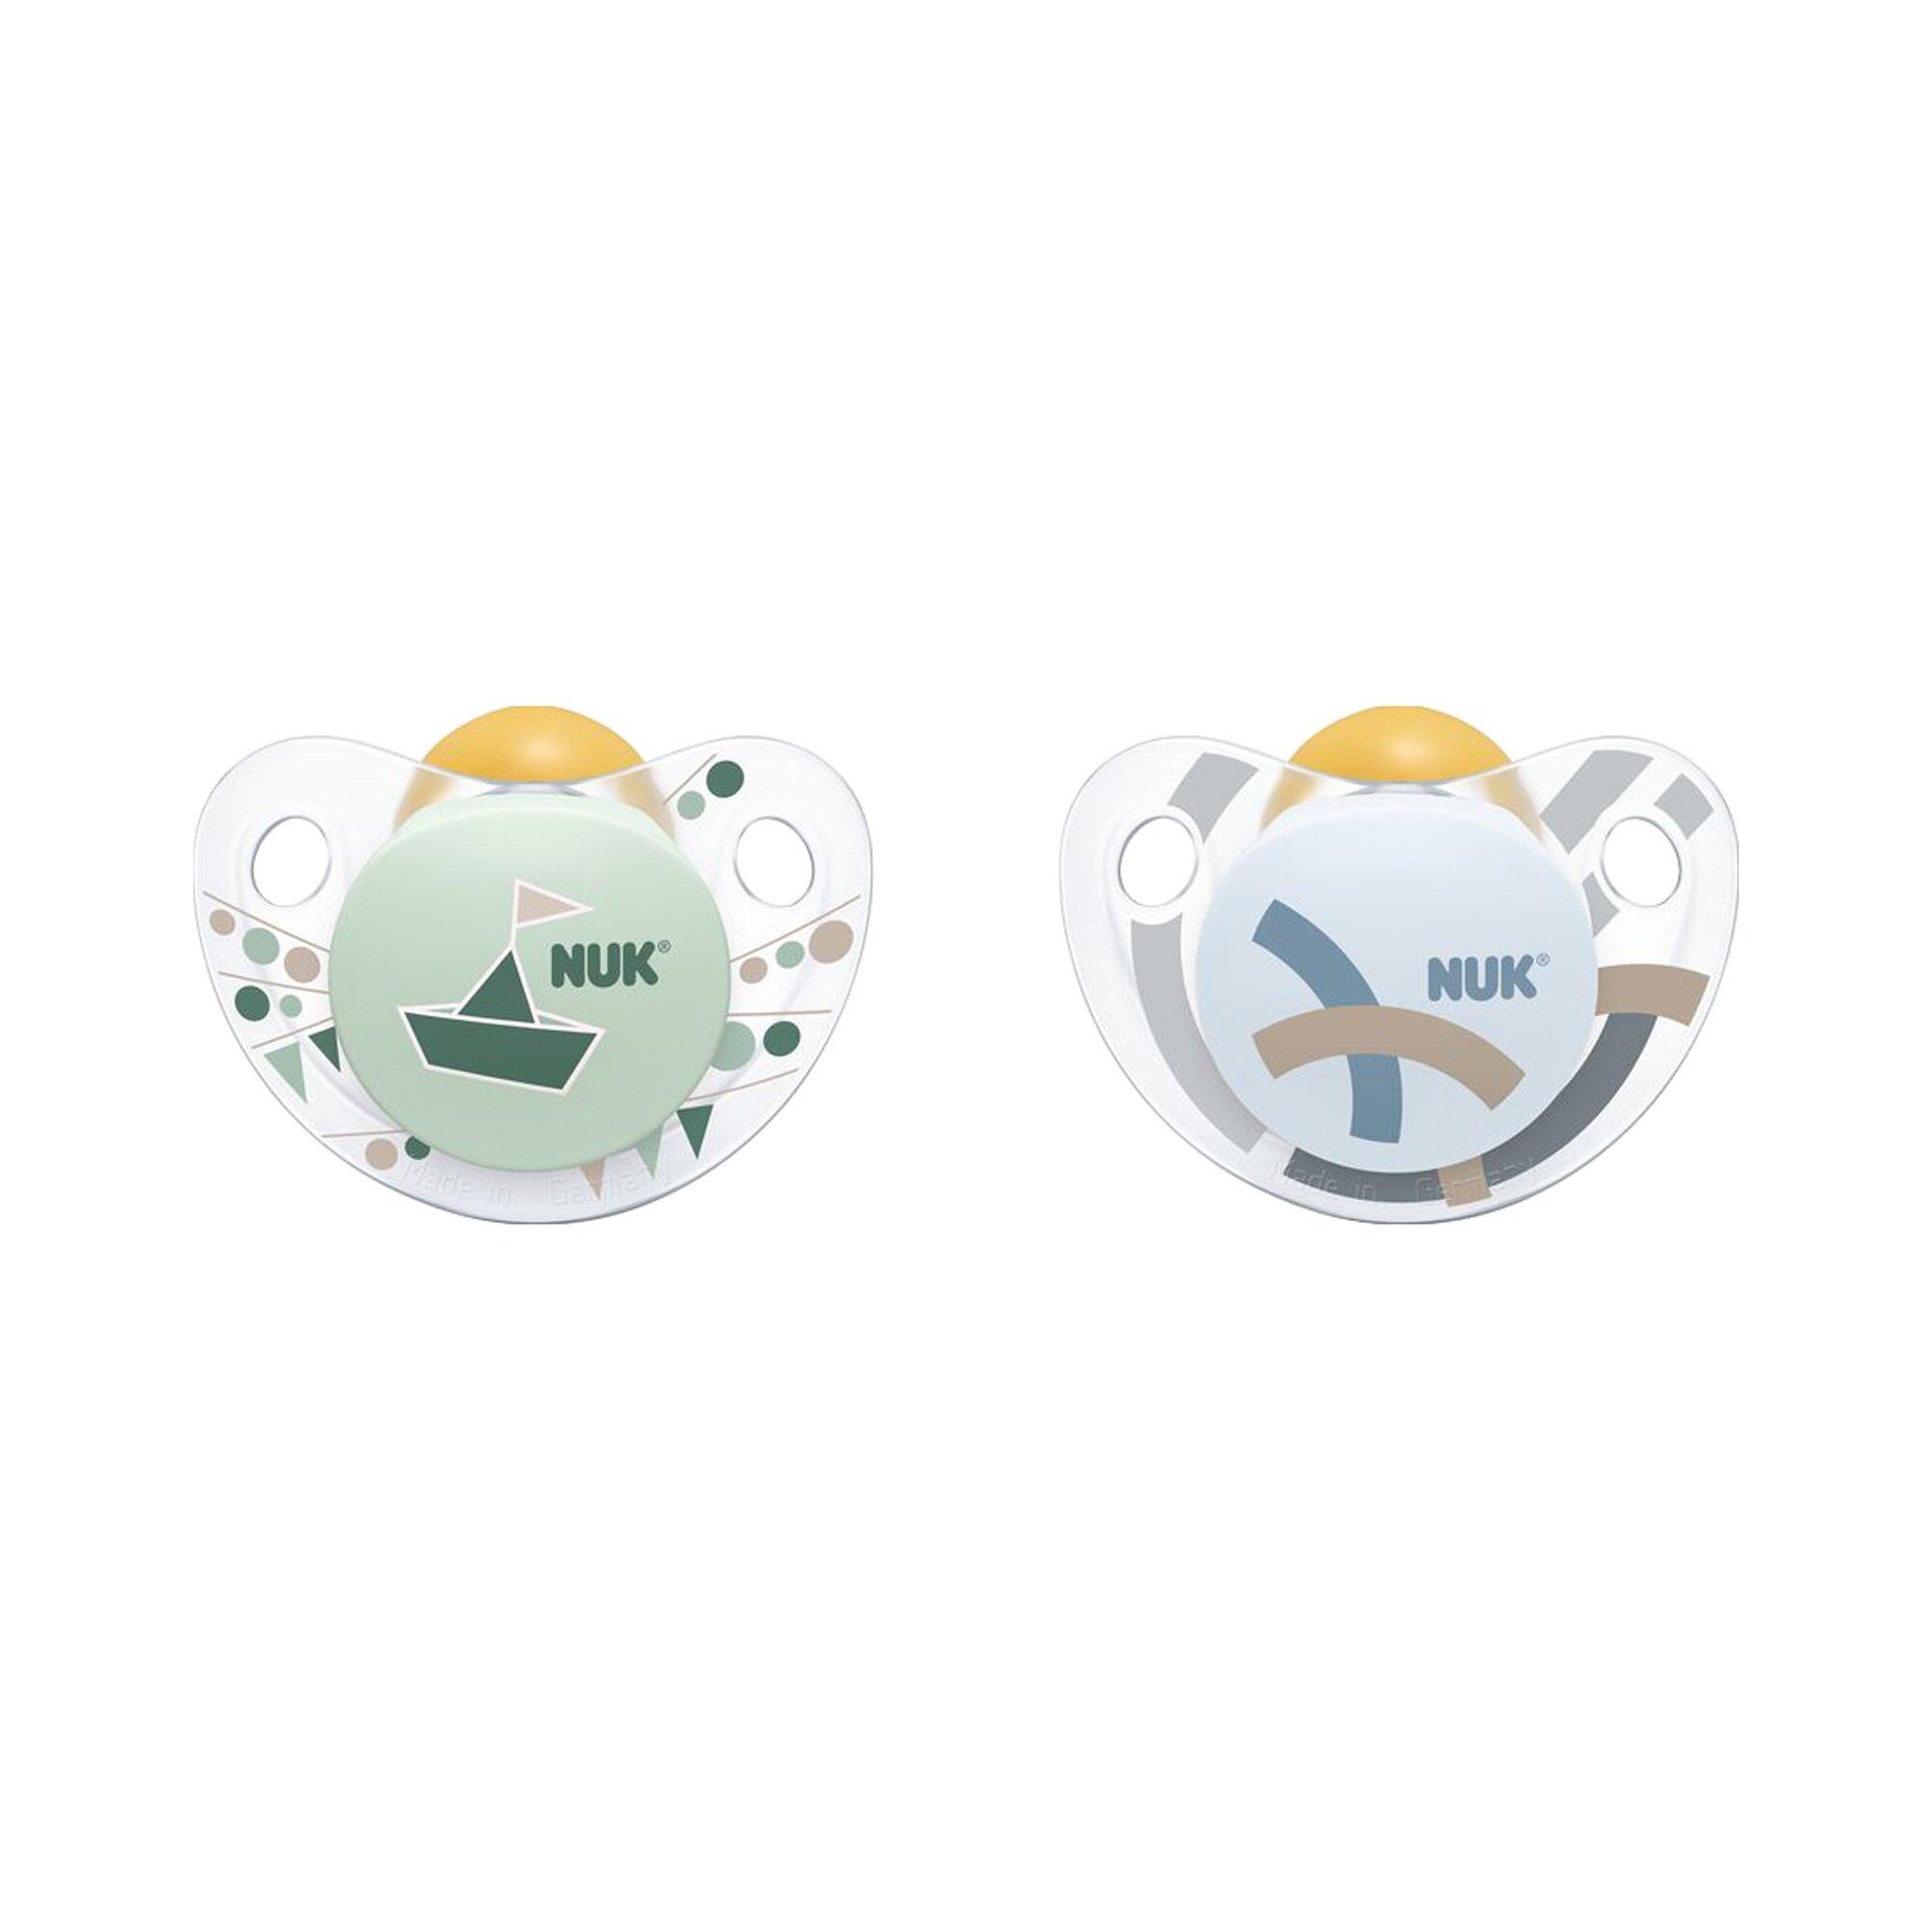 Nuk 2er-Pack Schnuller Trendline Latex 6-18M